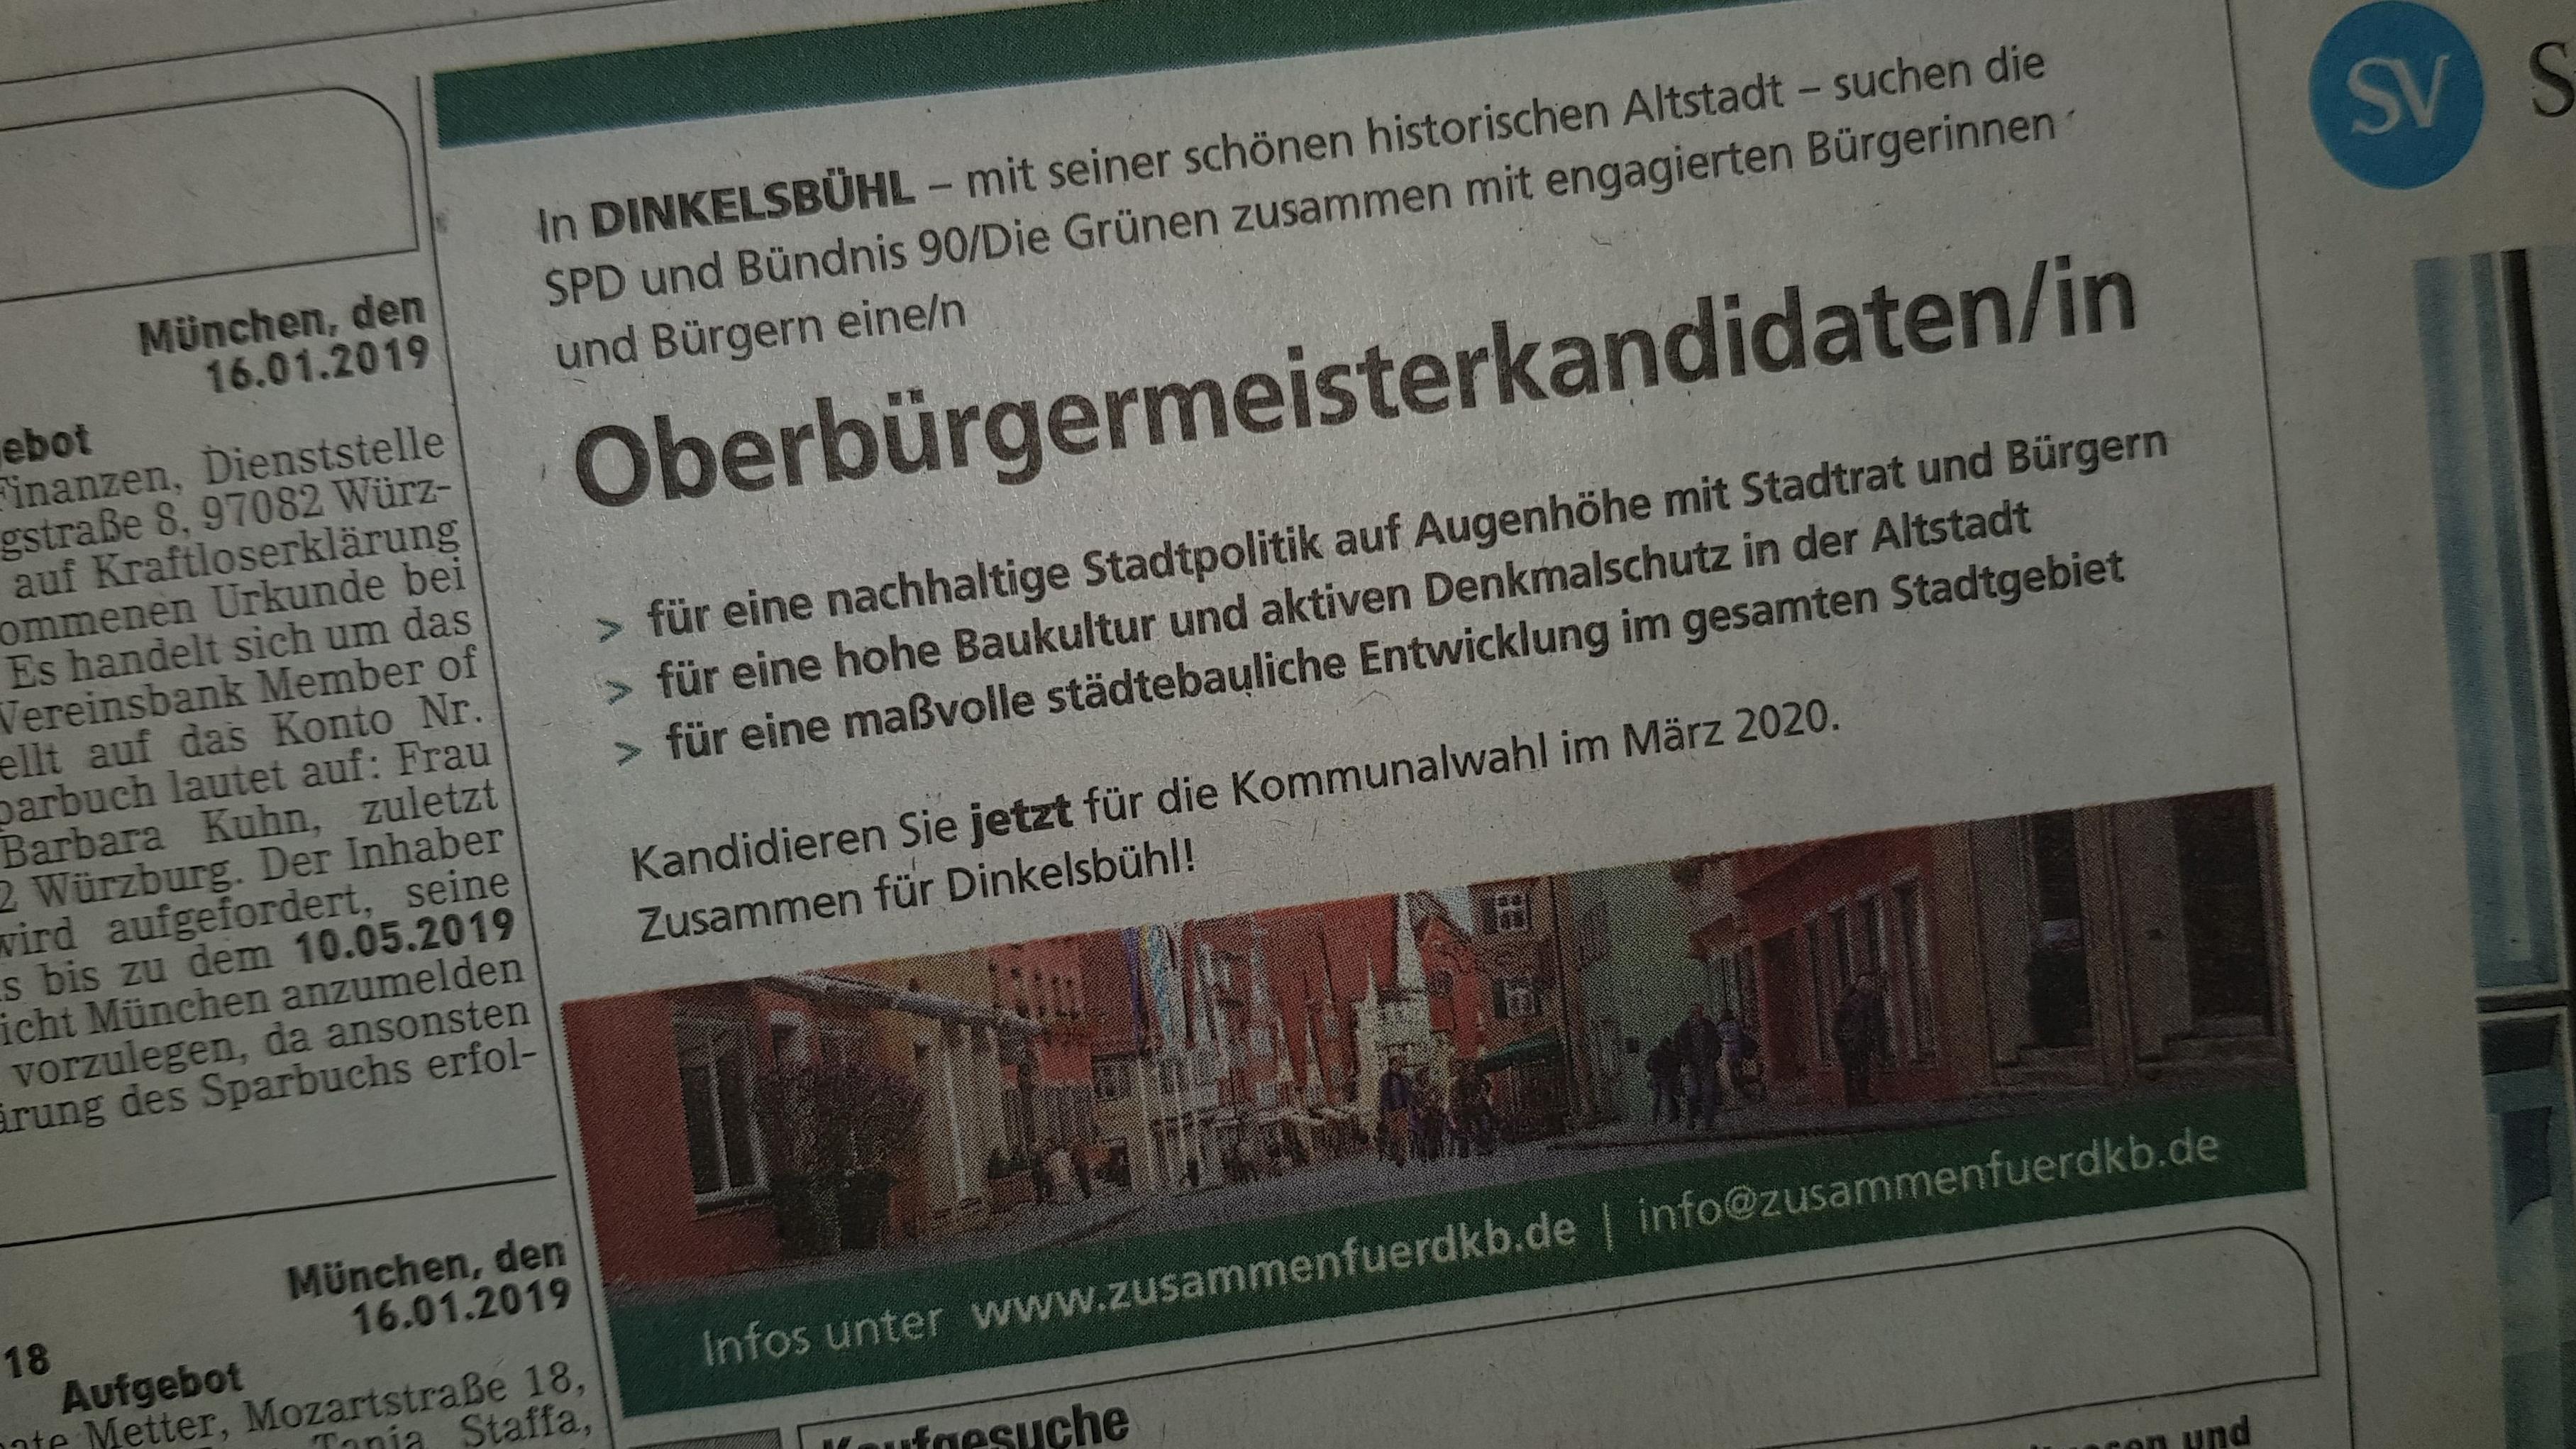 Suchanonnce der SPD, Grünen und einiger Bürger für einen OB-Kandidaten in Dinkelsbühl in der SZ